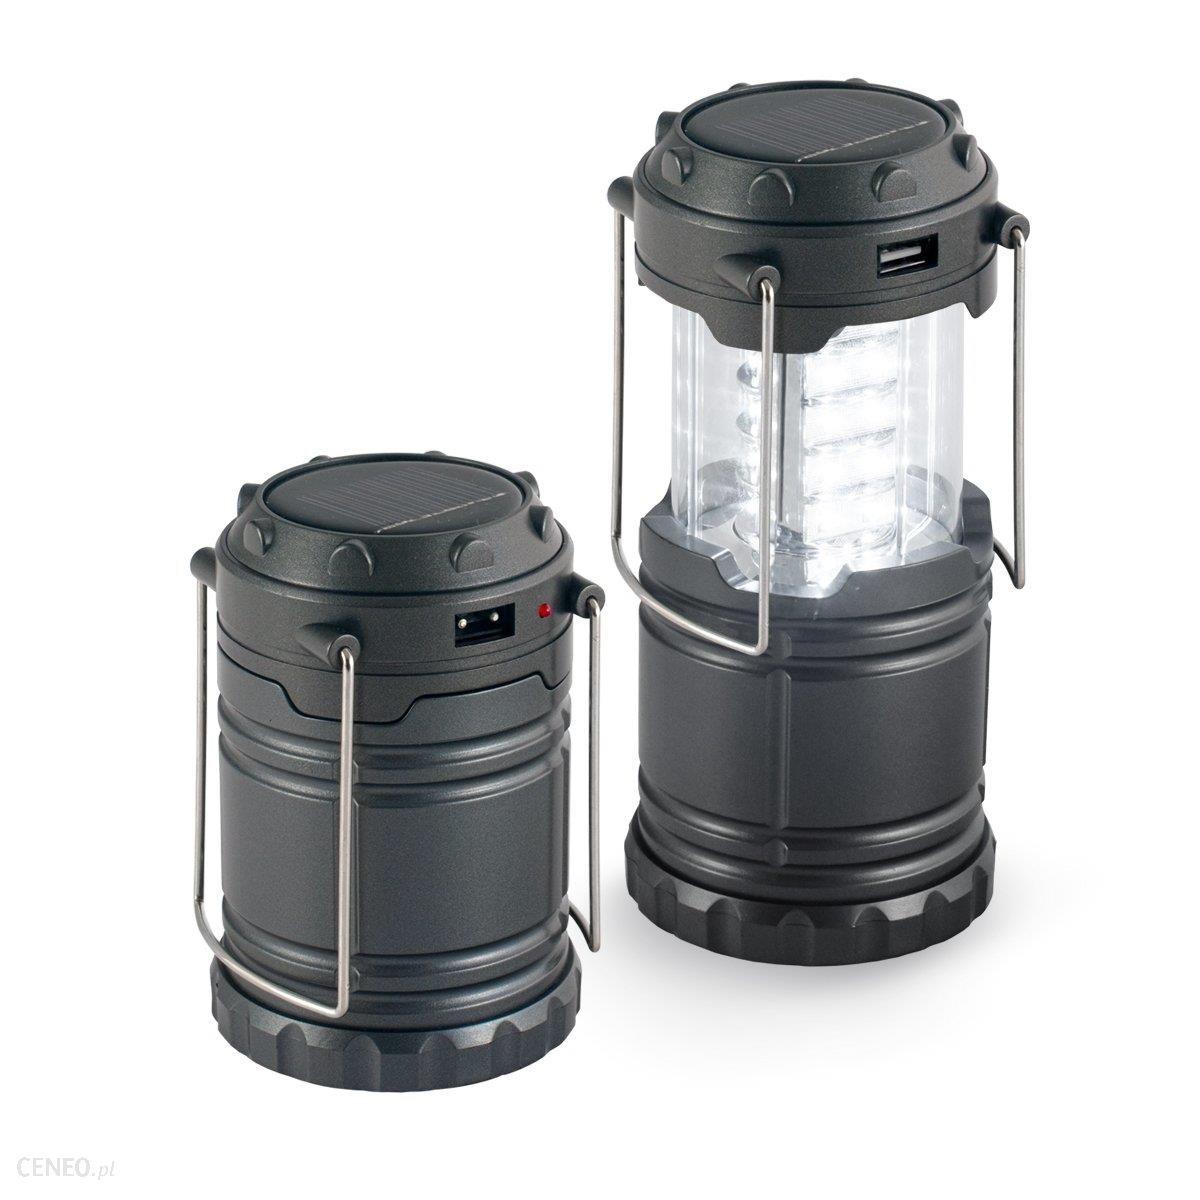 Energofish Energo Fish Lampa Solar Kemping Led